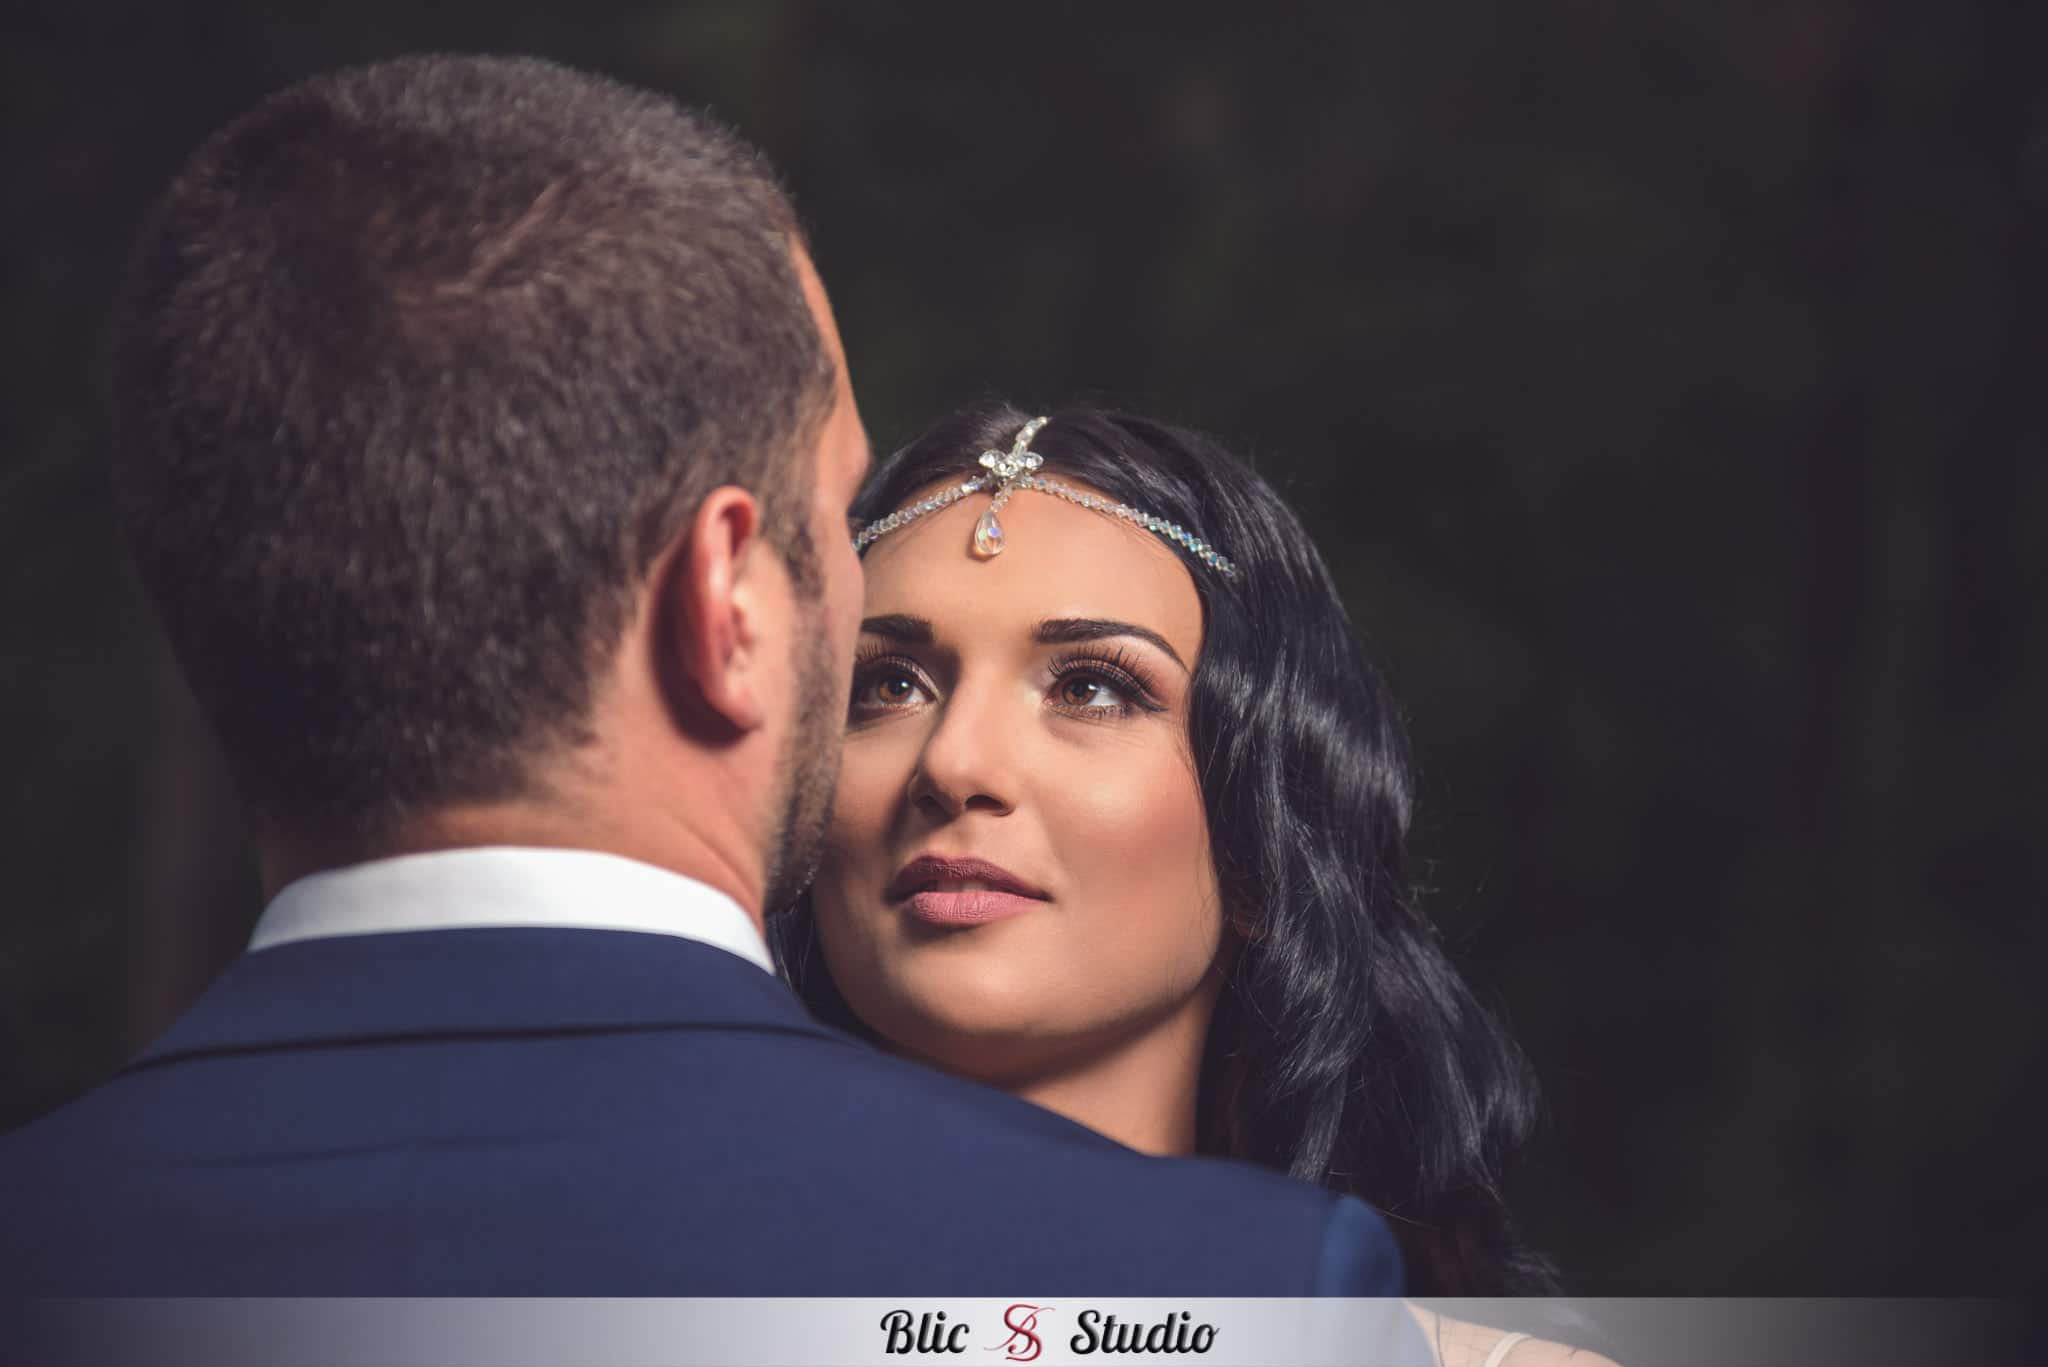 Fotograf_za_vjenčanje_foto_studio_blic_marincel (9)